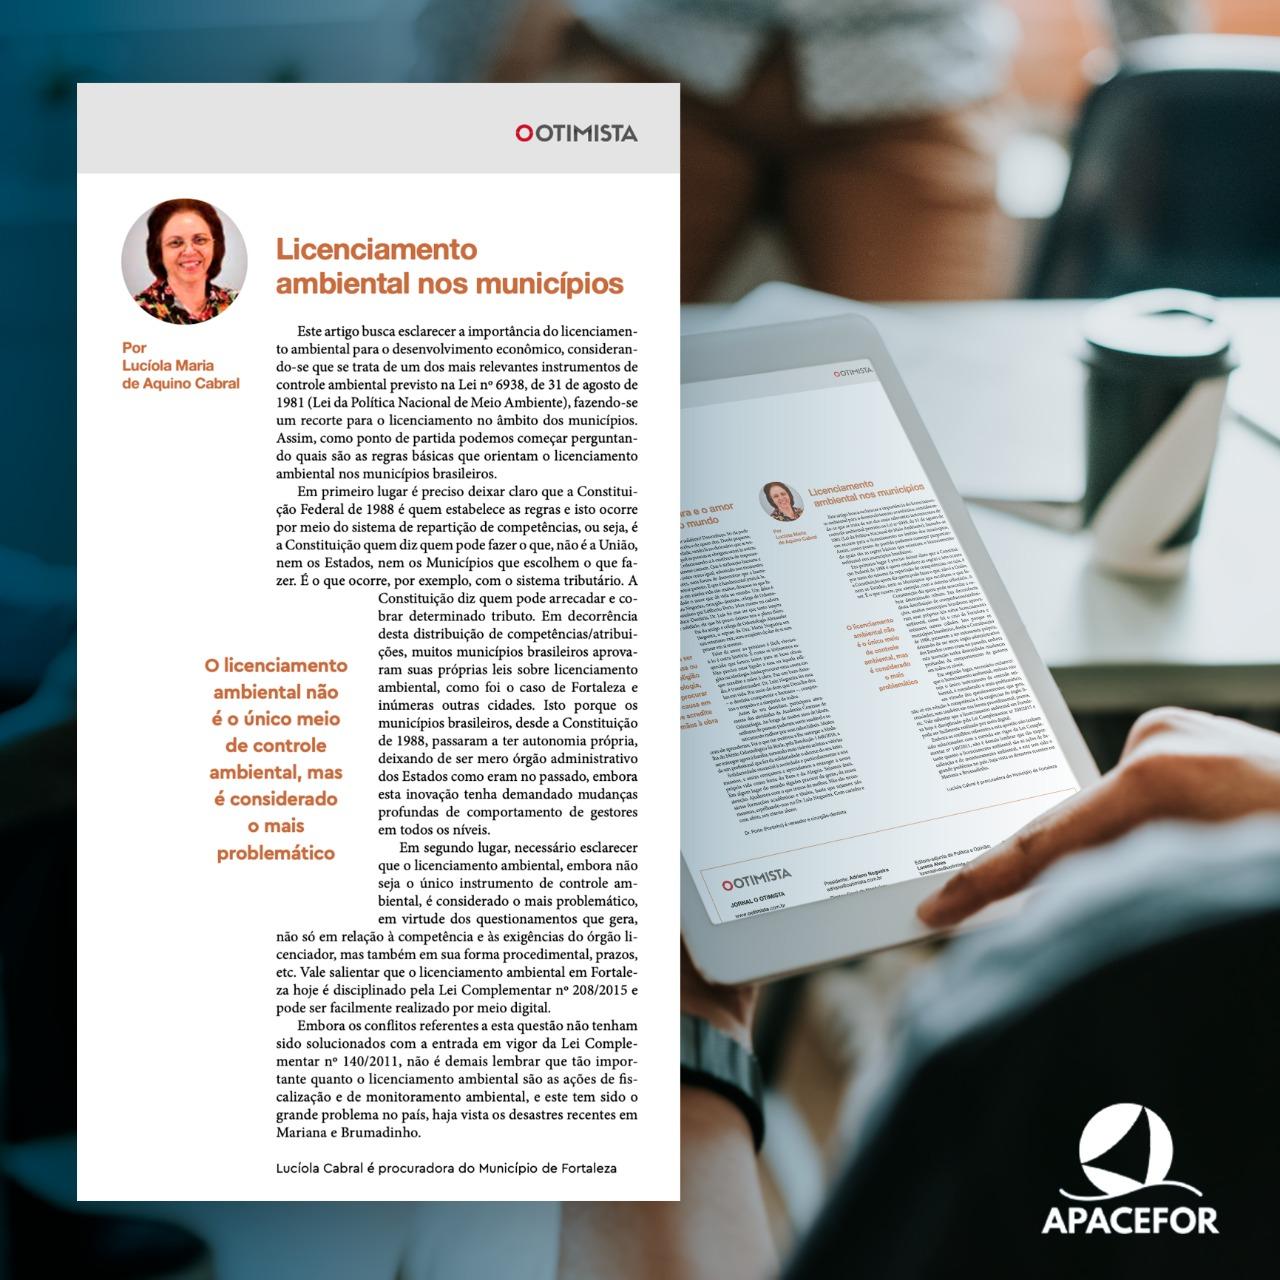 Jornal O Otimista publica artigo assinado pela Procuradora do Município Dra. Lucíola Cabral